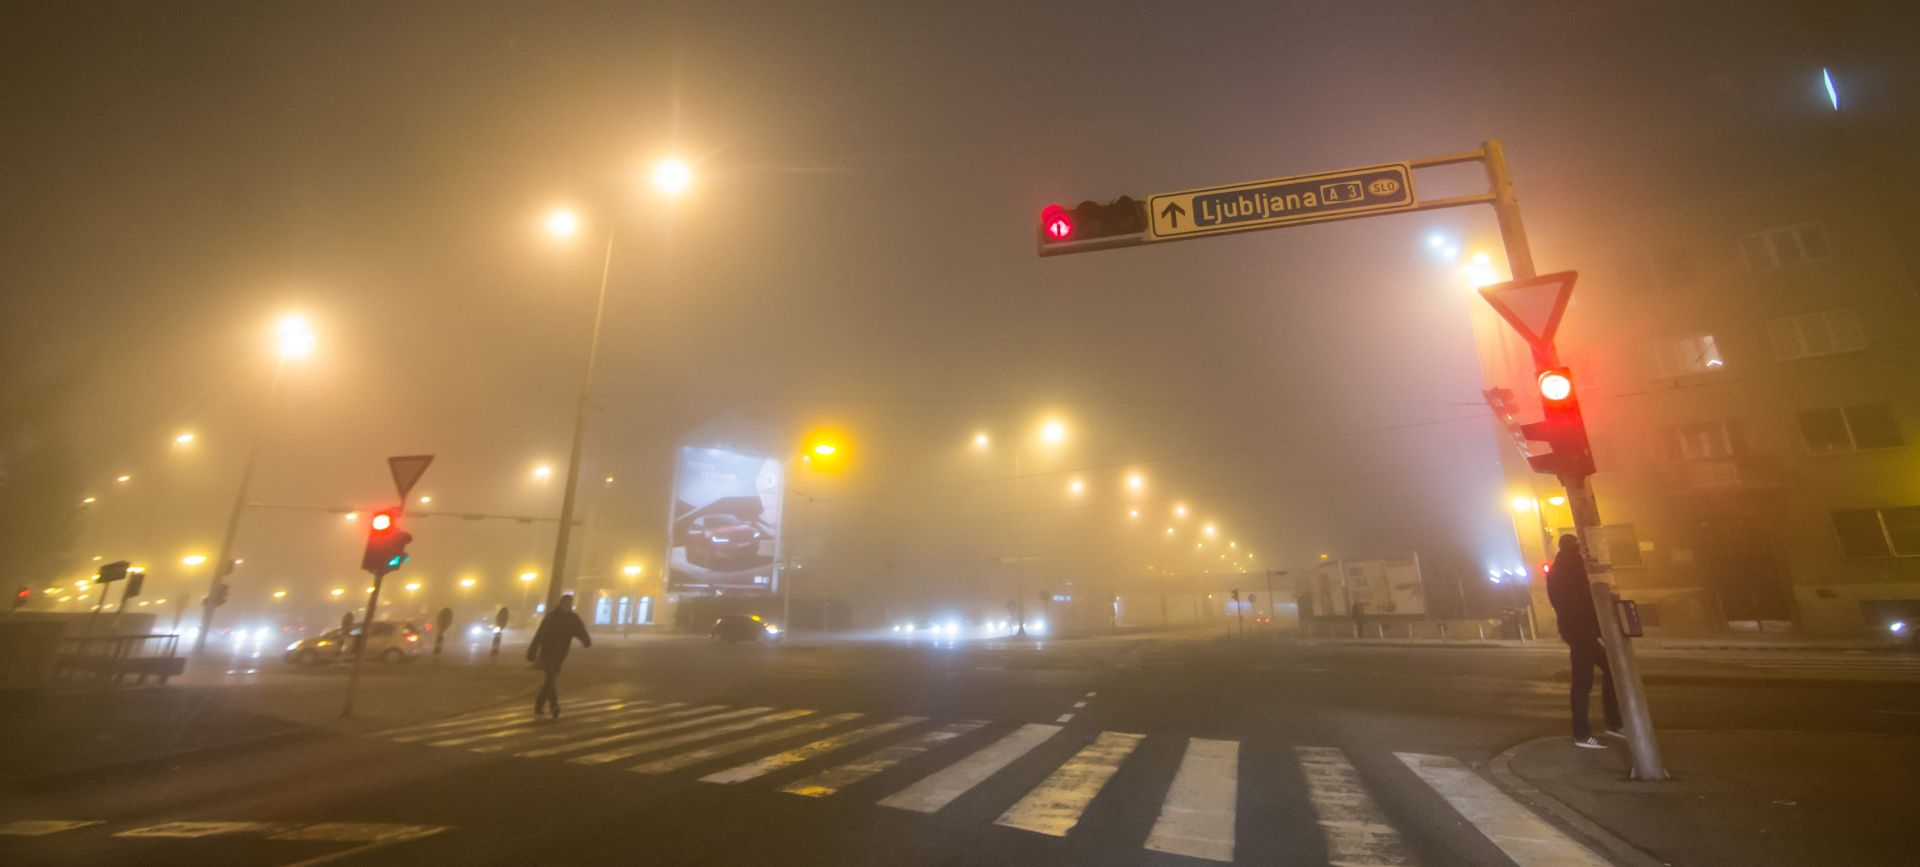 HAK Kolnici vlažni i skliski, magla smanjuje vidljivost